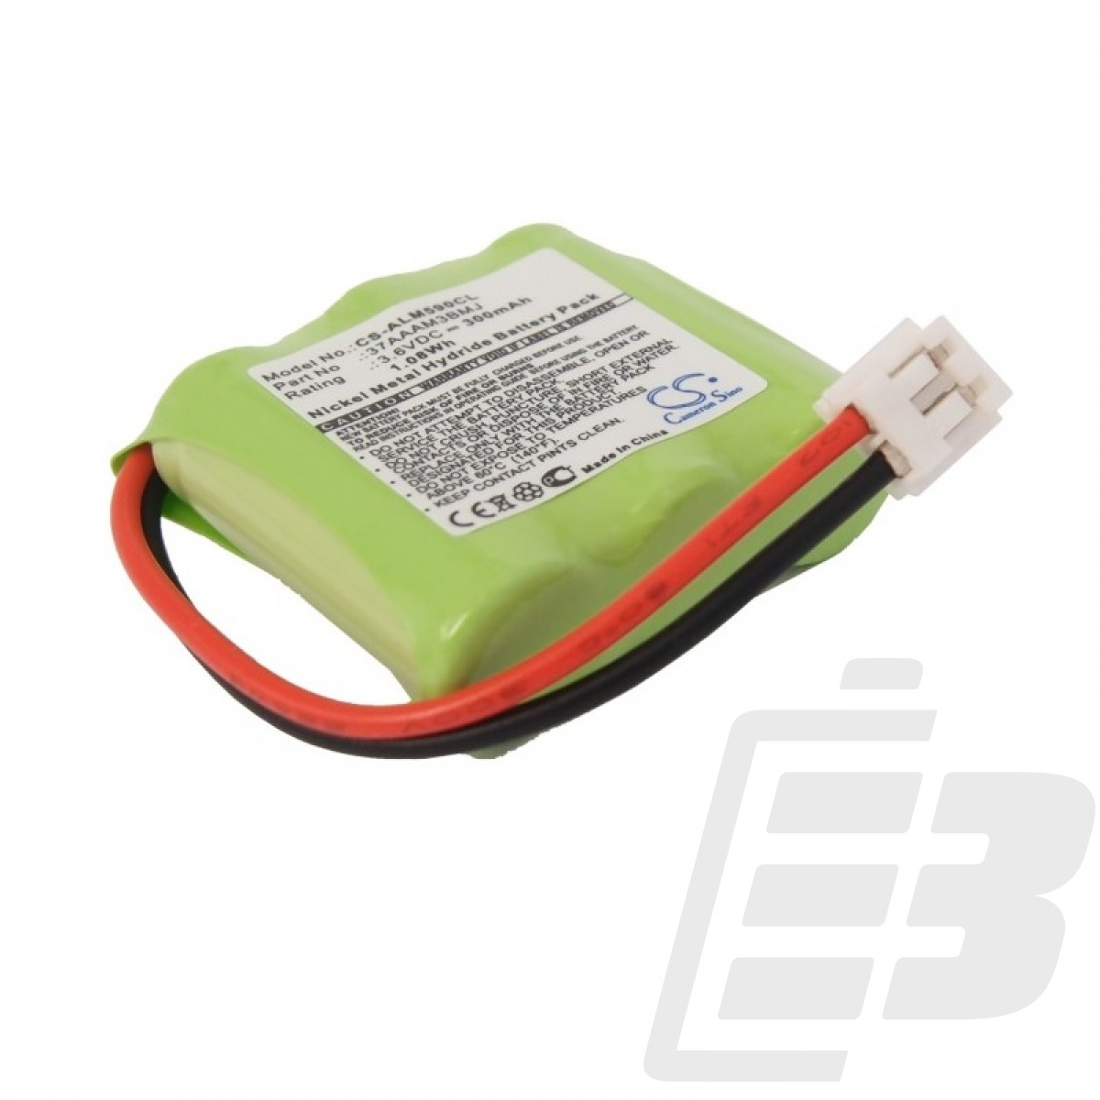 Μπαταρία ασύρματου τηλεφώνου Alcatel Biloba 590_1